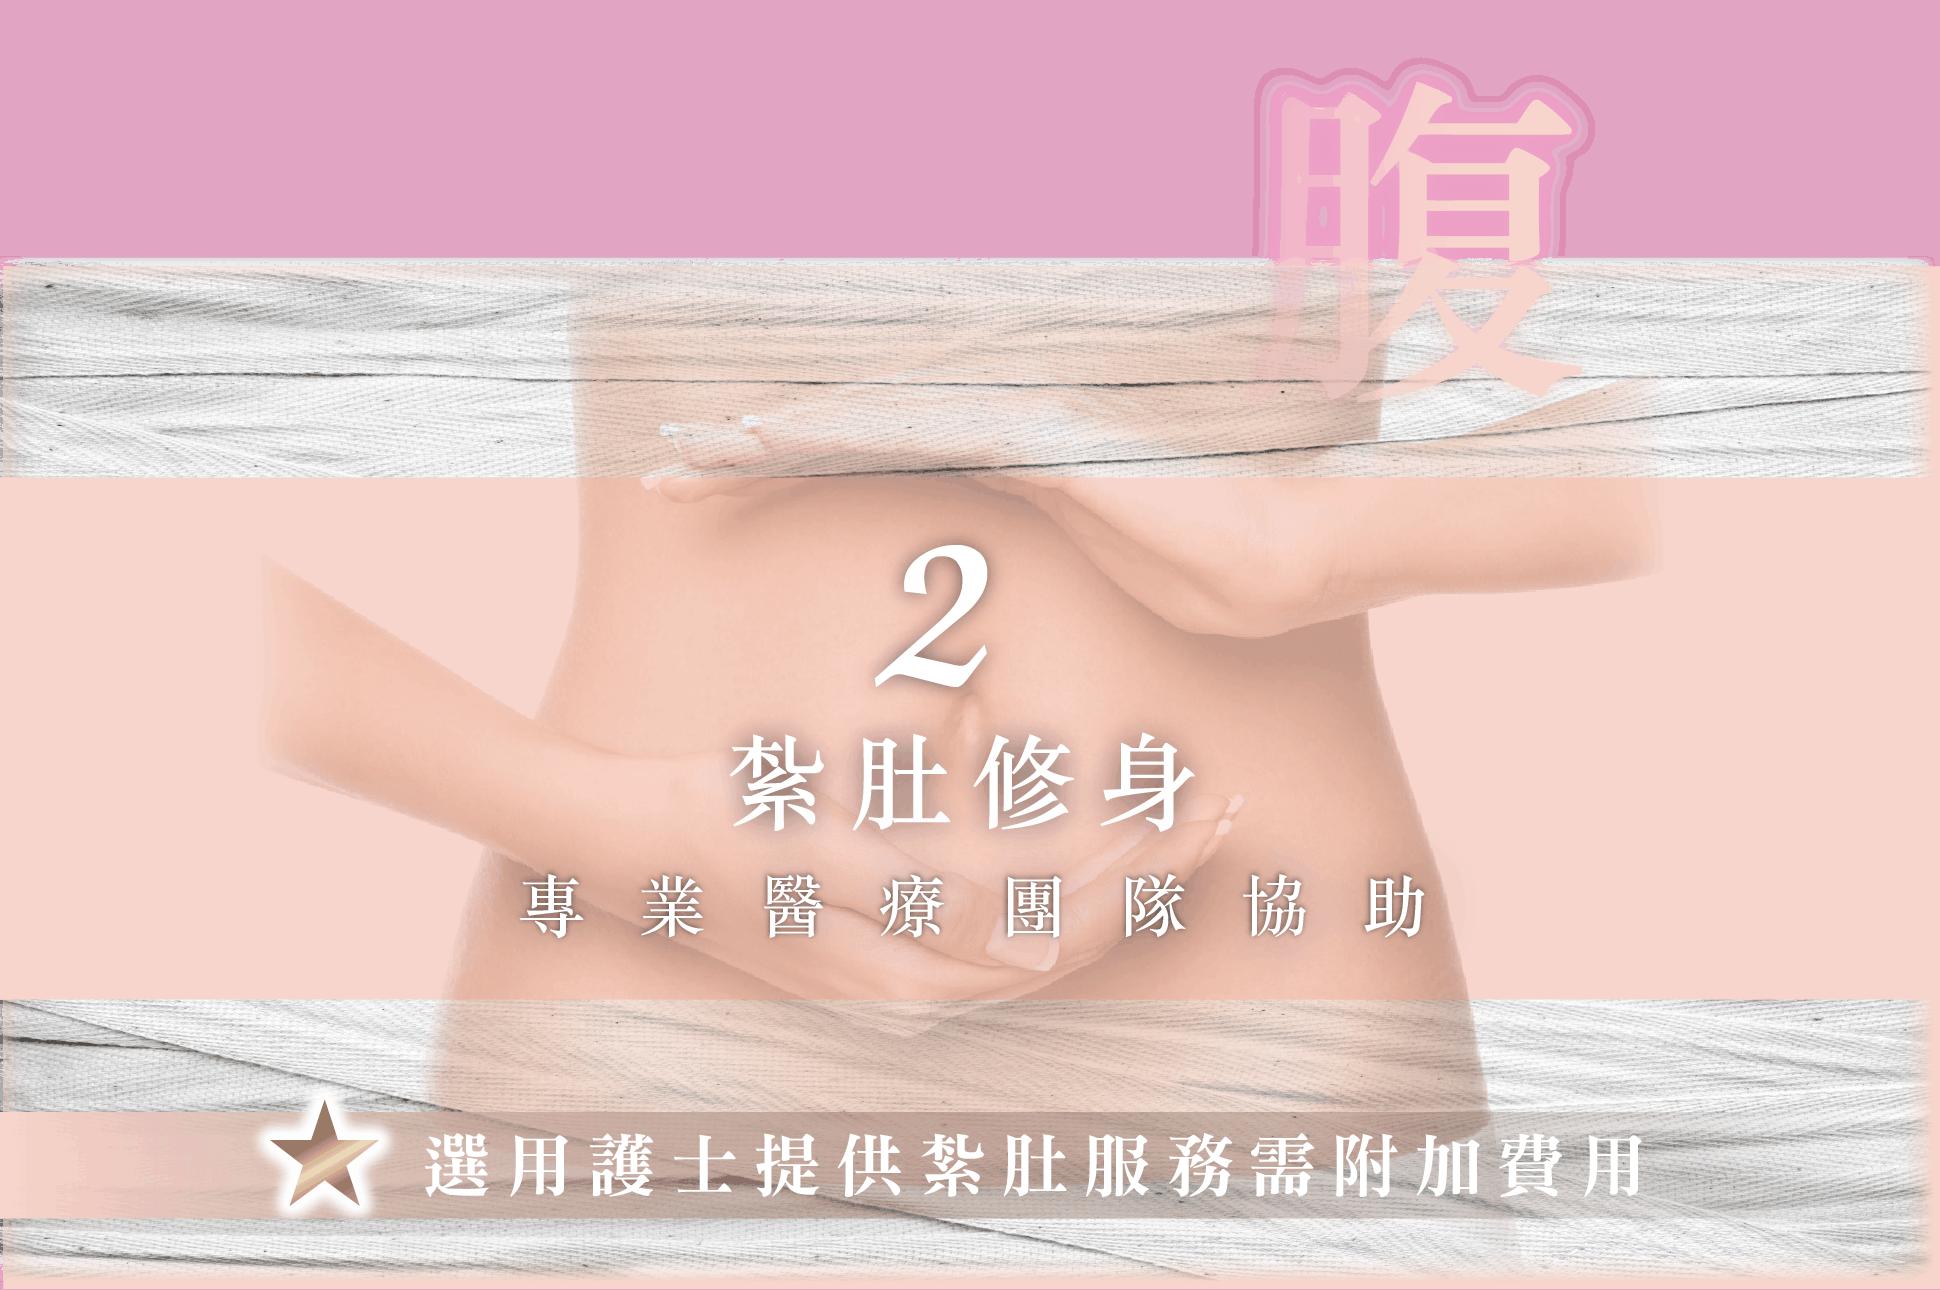 紮肚及產後修復療程優惠 鬆弛素 13 1